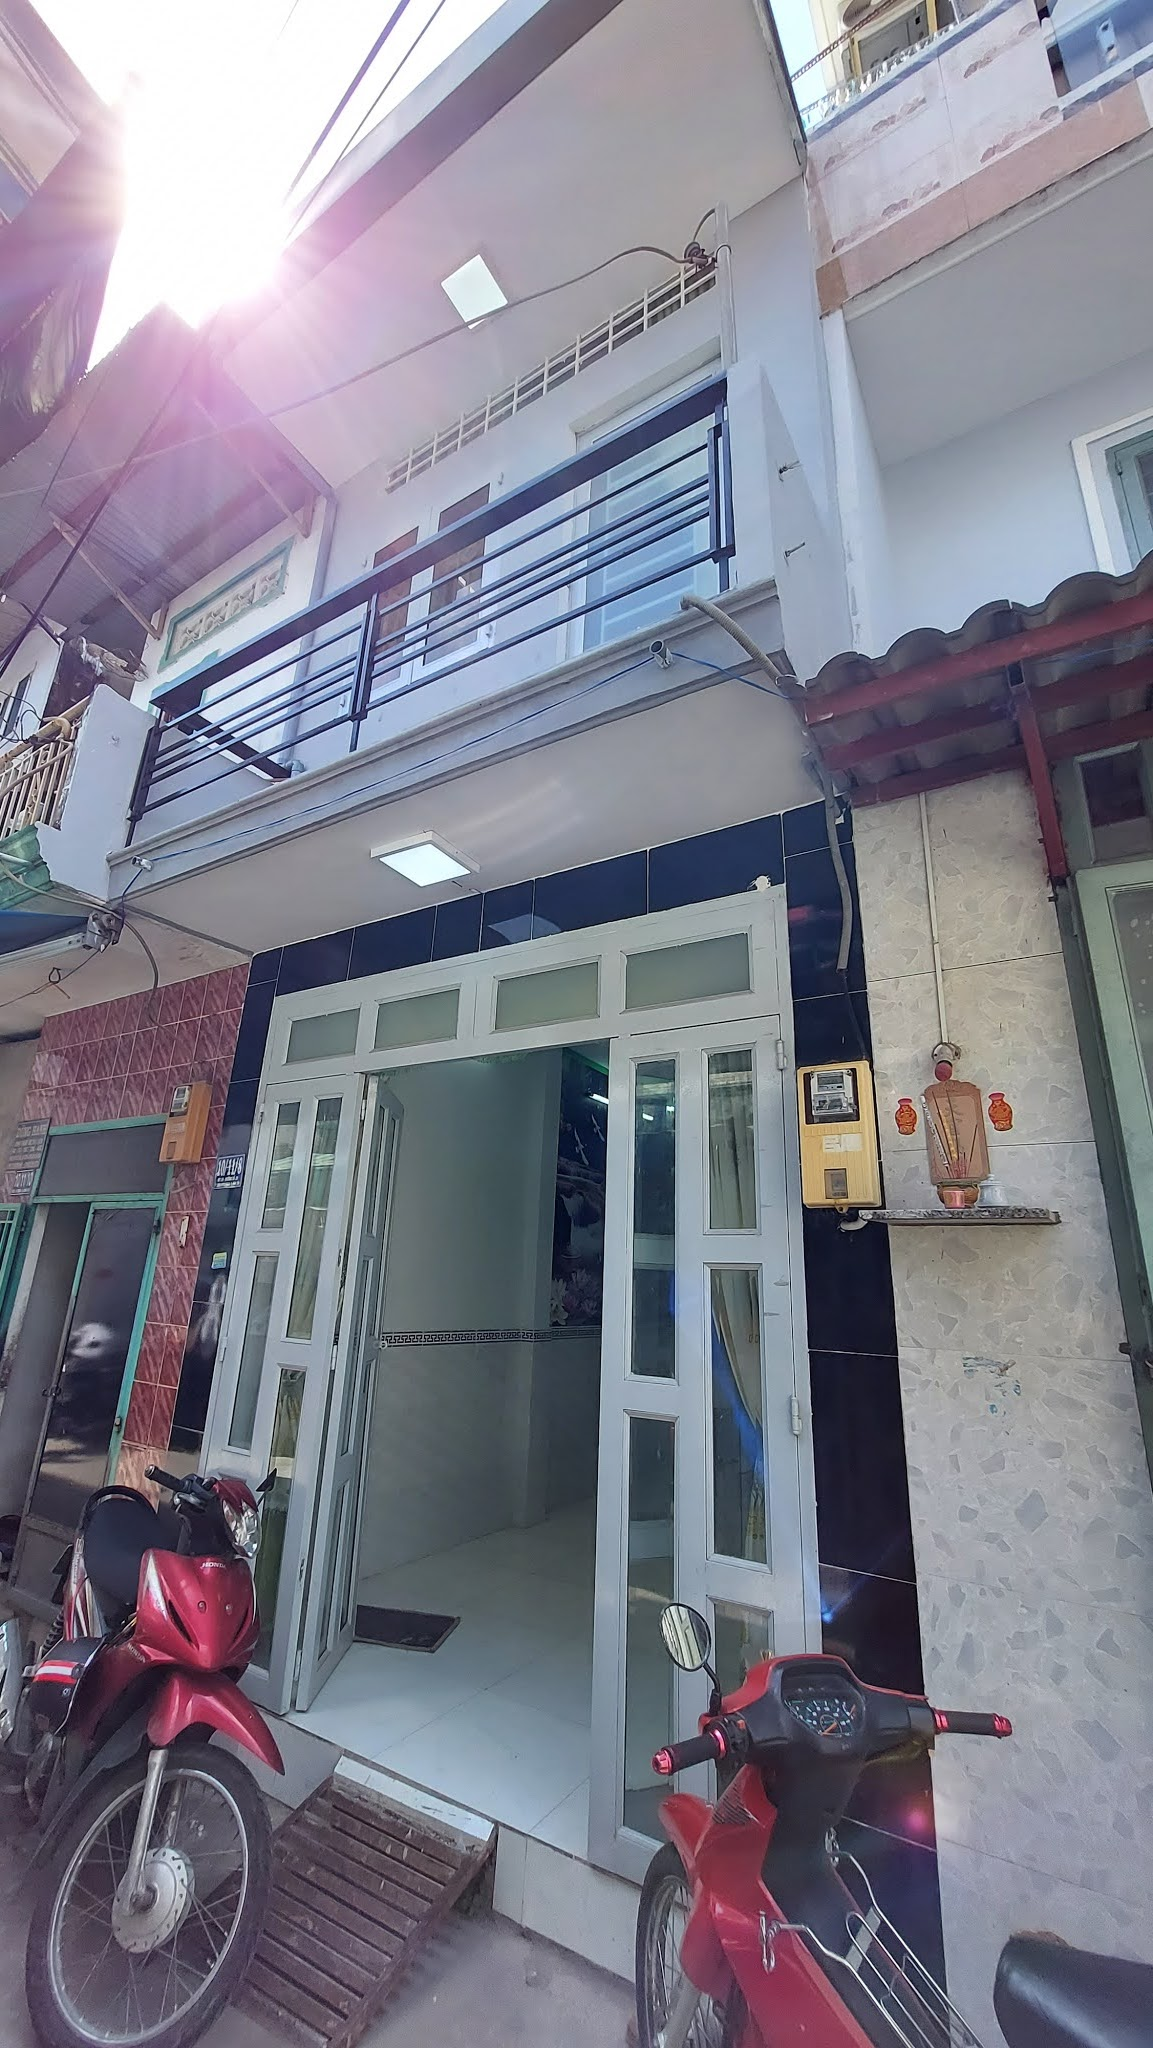 Bán nhà đường số 20 Bình Hưng Hòa A quận Bình Tân dưới 3 tỷ mới nhất